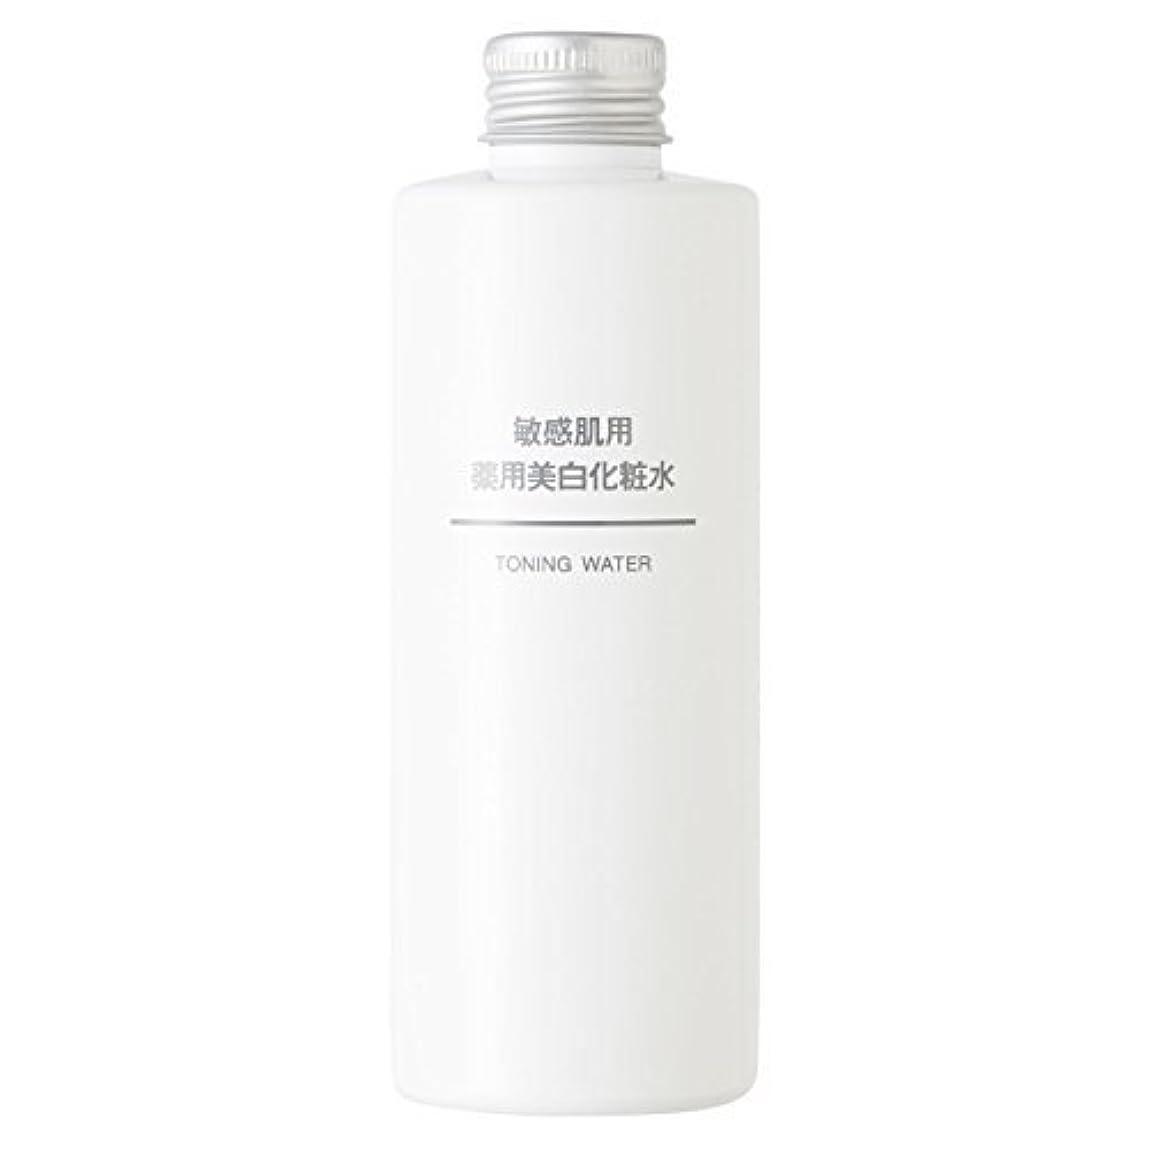 両方高音熱無印良品 敏感肌用 薬用美白化粧水 (新)200ml